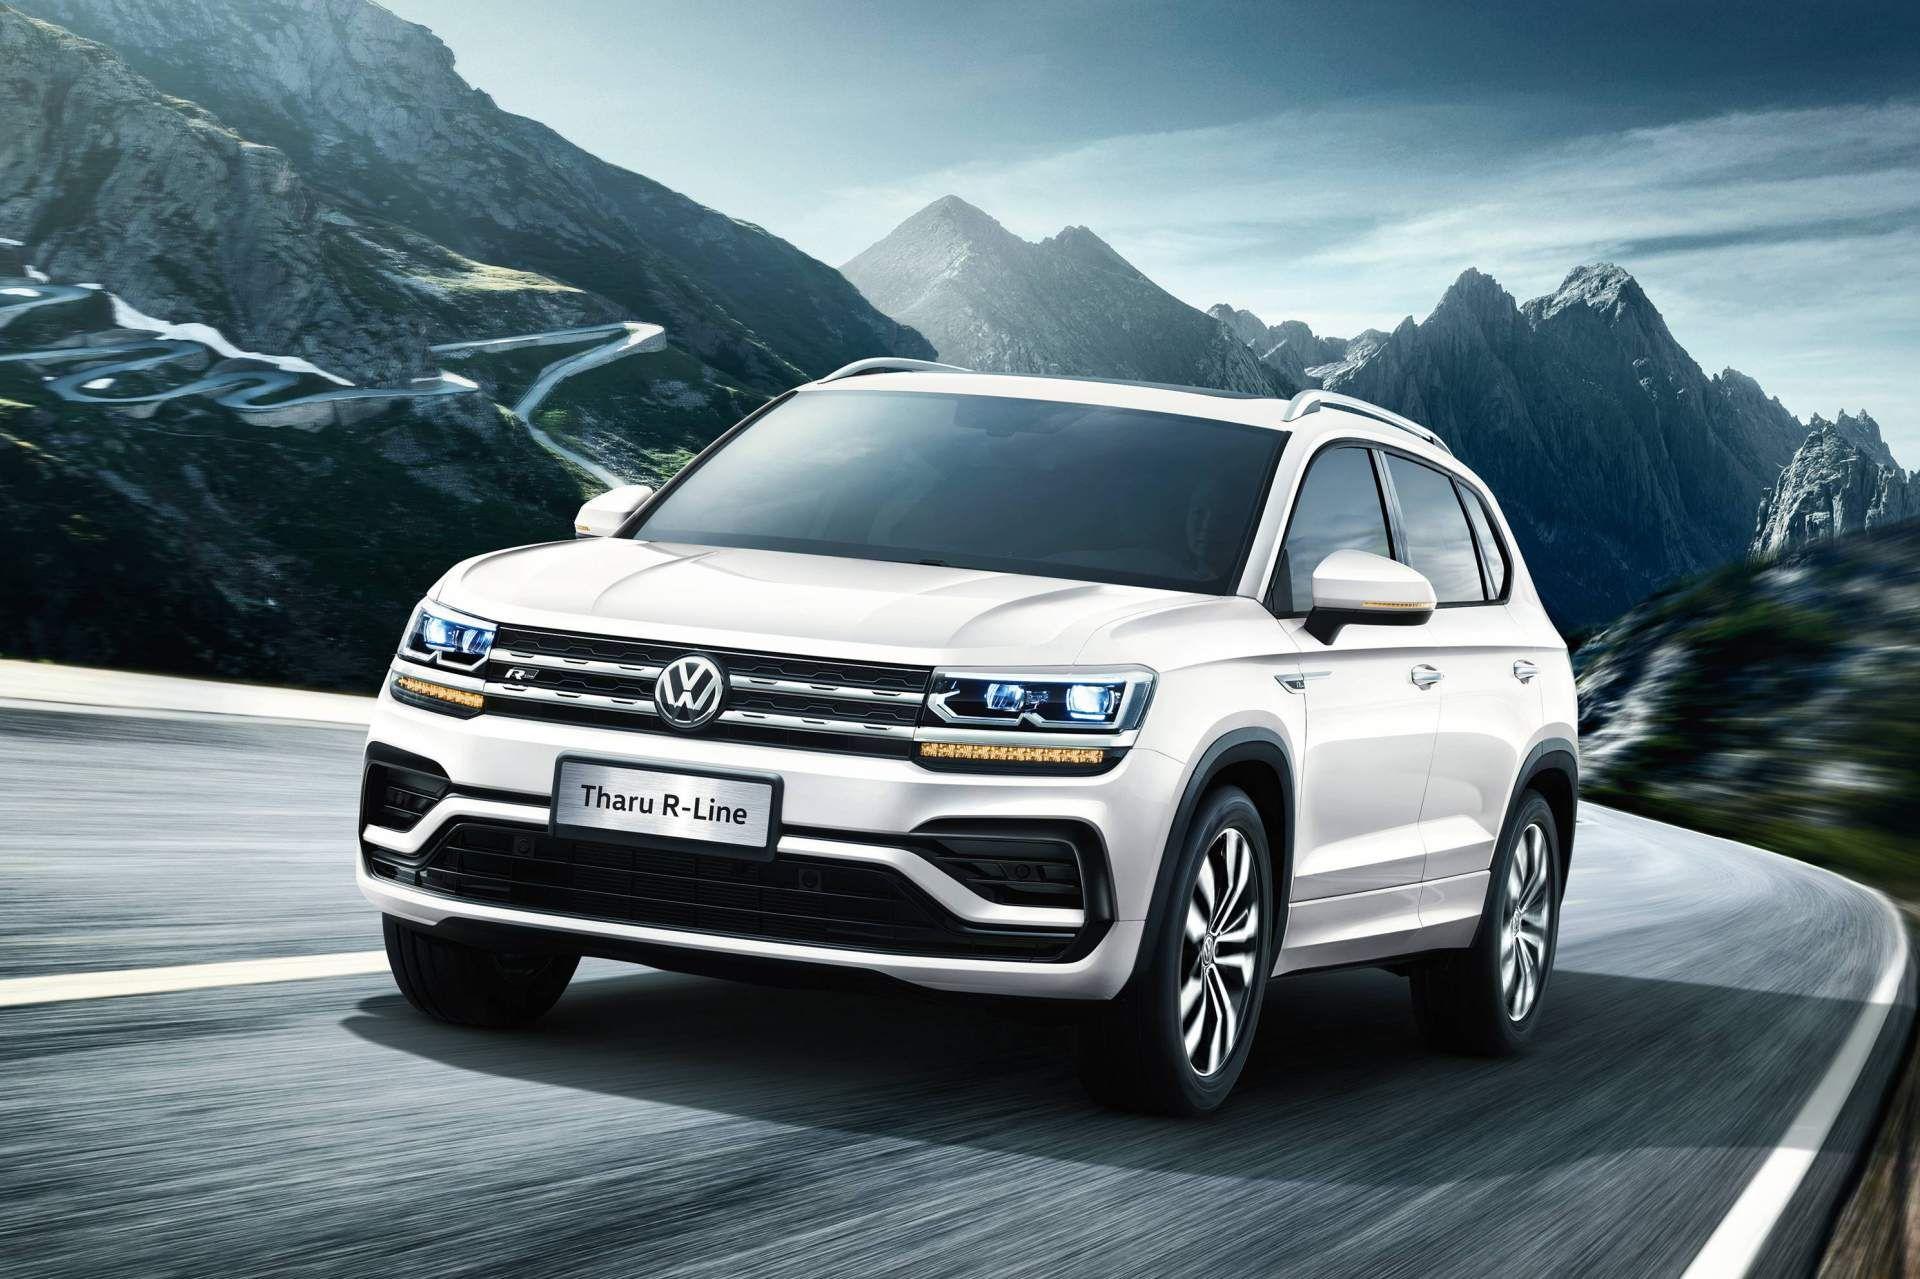 New Vw Tarek Crossover Coming To Slot Beneath The Tiguan Carscoops Volkswagen Volkswagen Passat Compact Crossover